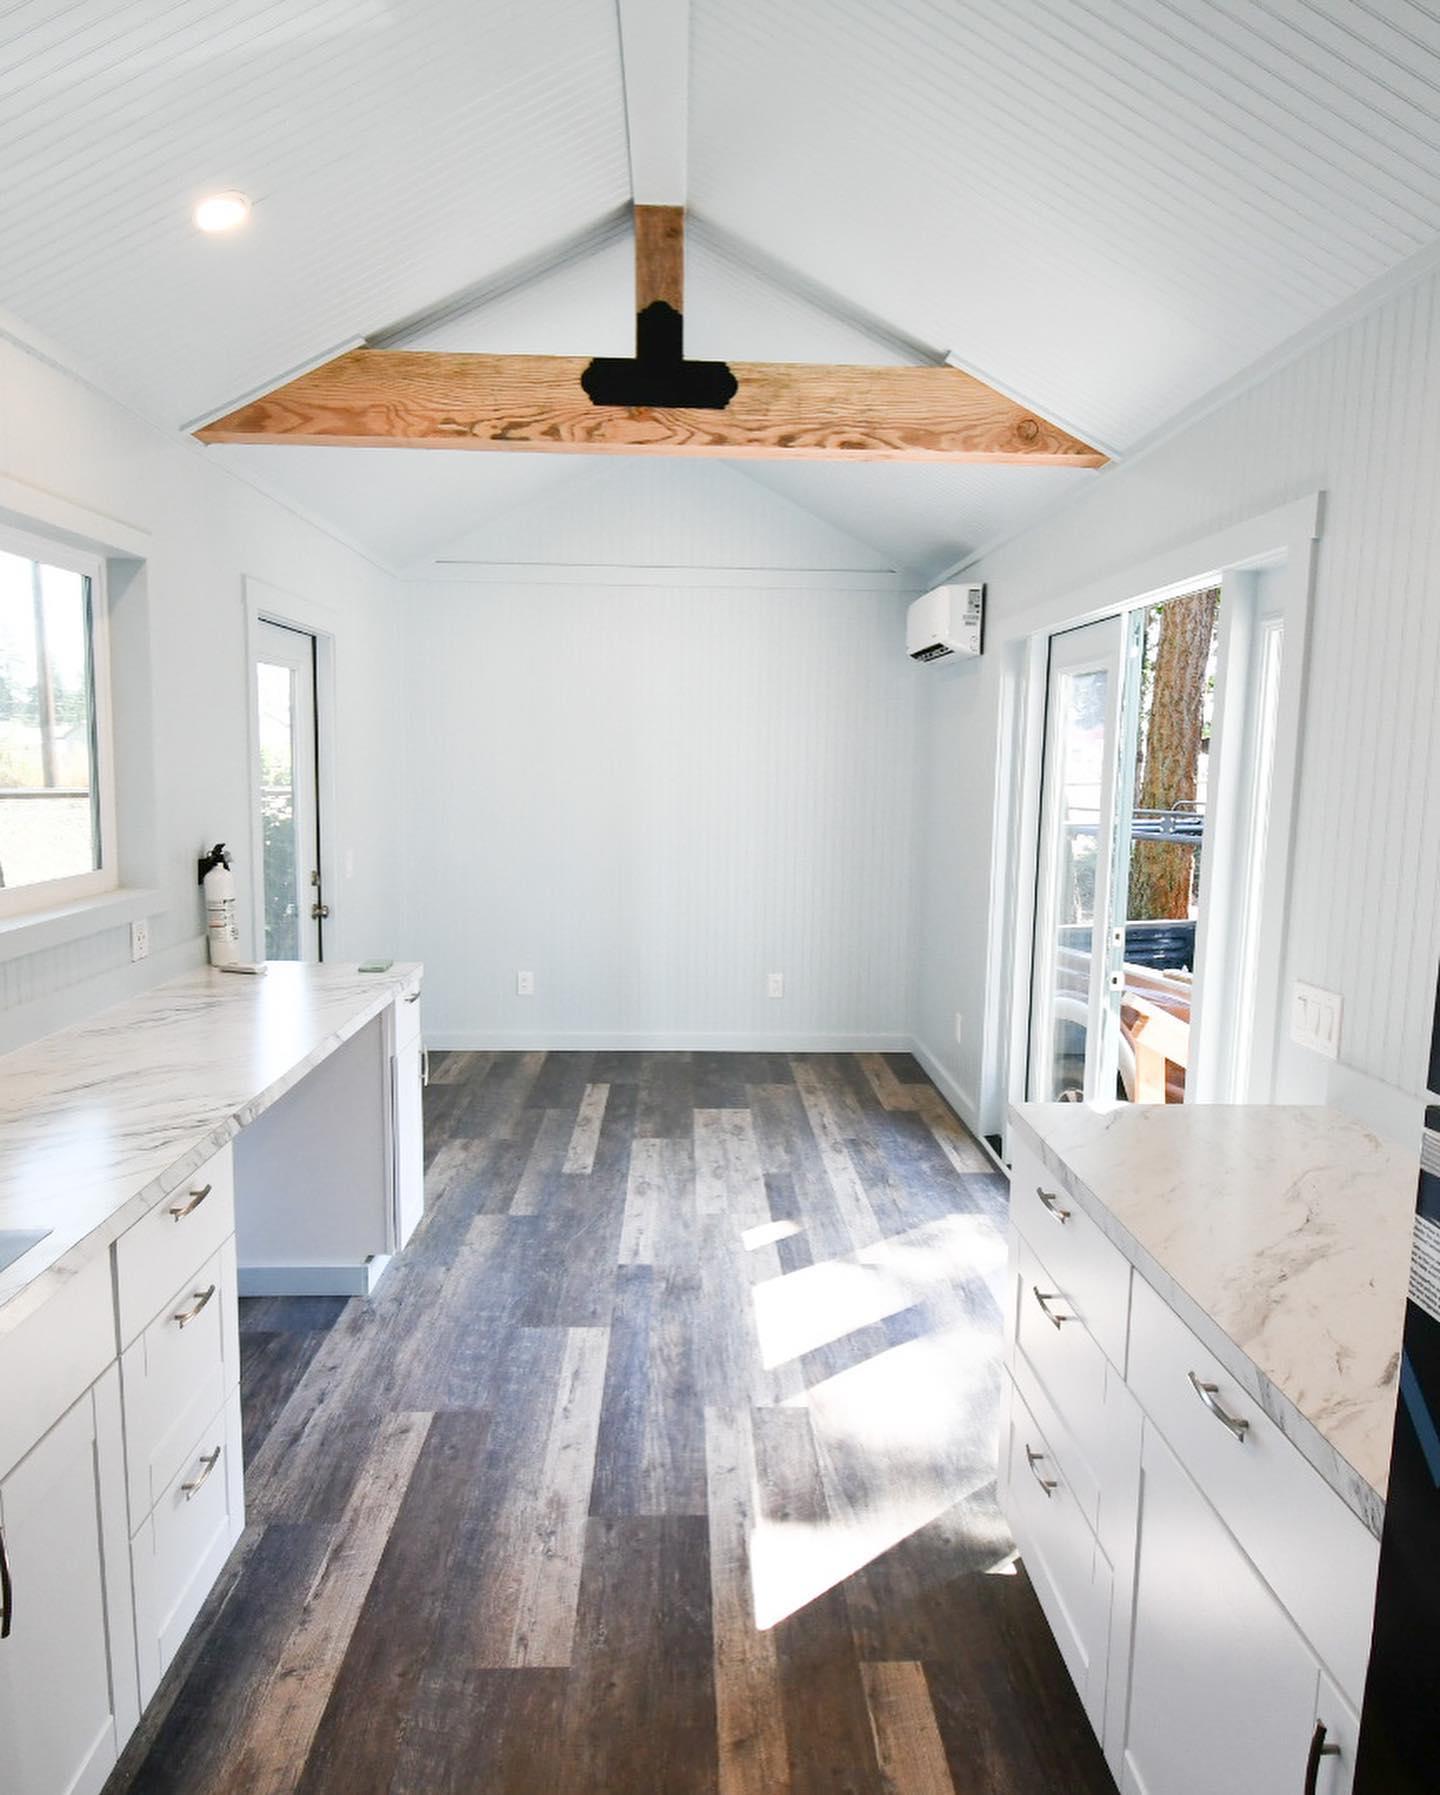 BLB slider door + living room area